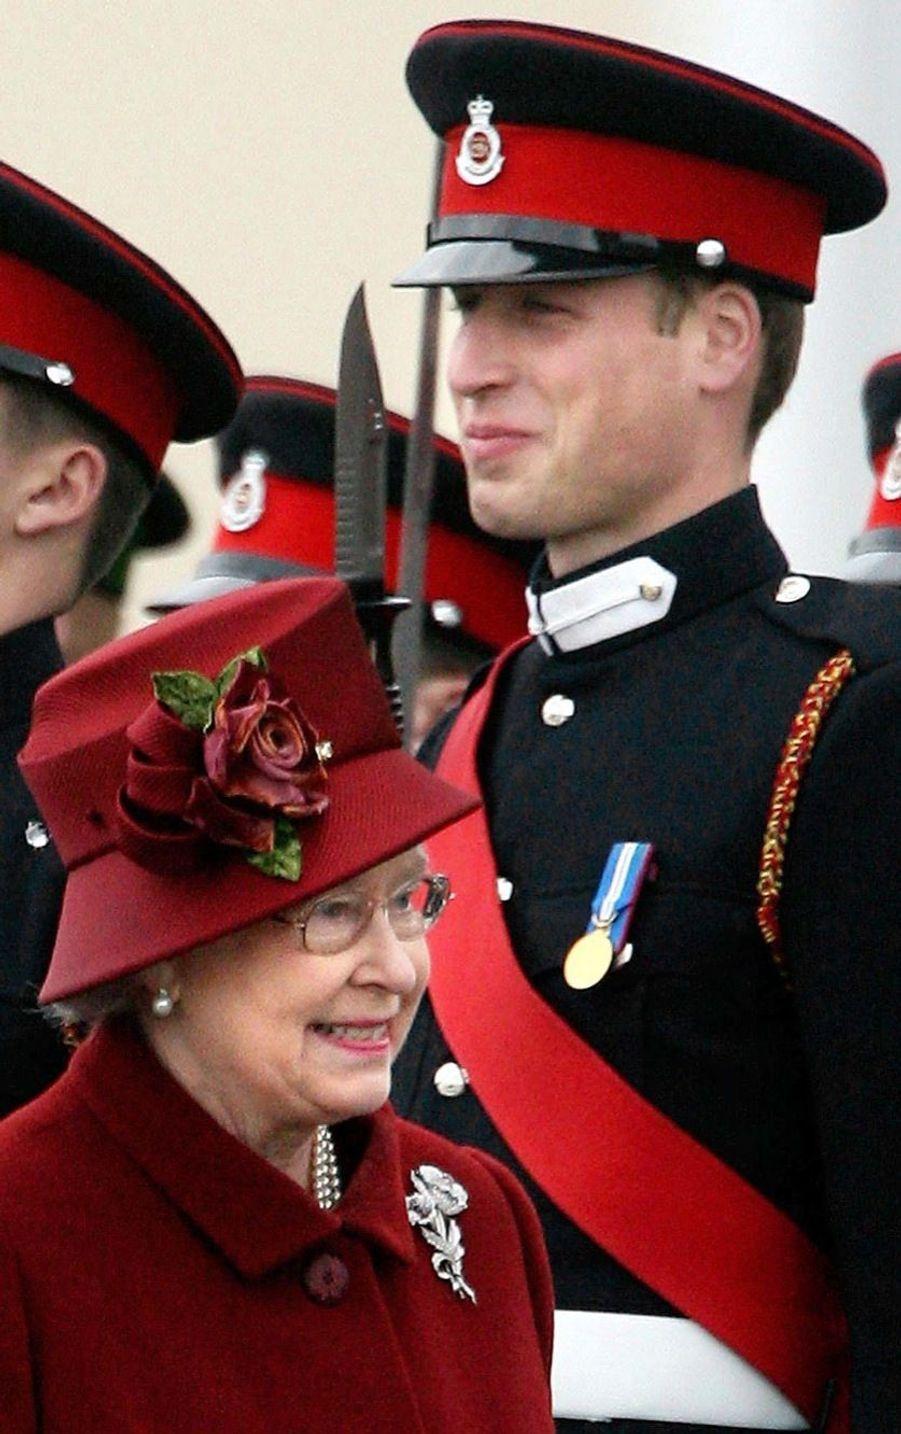 La reine Elizabeth II avec le prince William, le jour de sa remise de diplôme à l'Académie militaire de Sandhurst (décembre 2006)